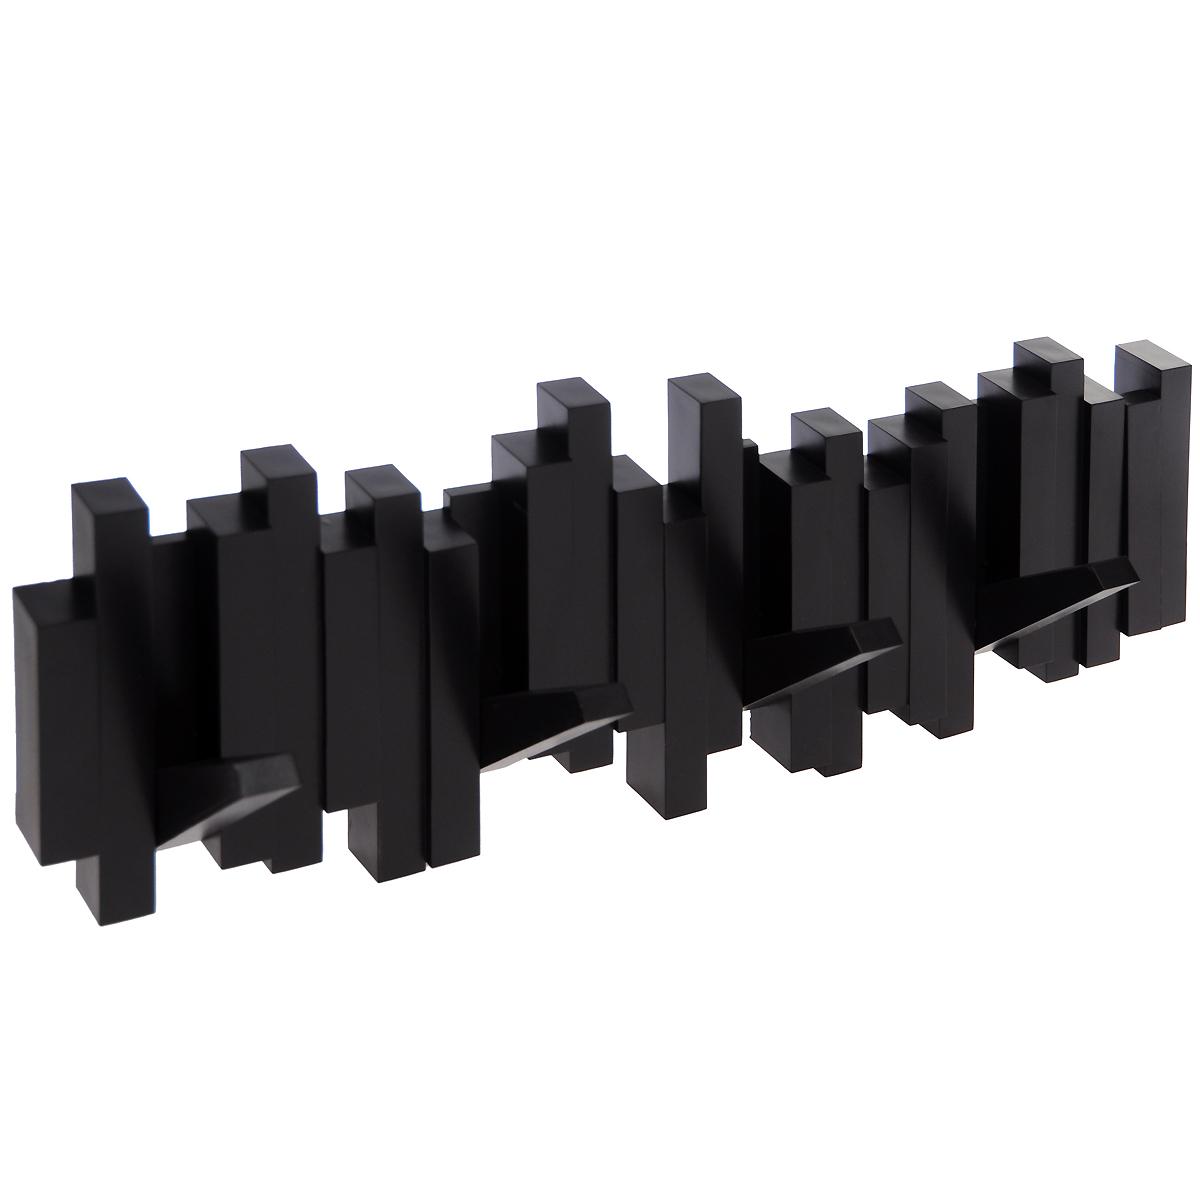 Вешалка настенная Umbra Sticks, цвет: шоколадный, 5 крючков10503Стильная и прочная вешалка Umbra Sticks интересной формы и оригинального дизайна изготовлена из прочного пластика. Имеет 5 откидных и прочных крючков. Когда они не используются, то складываются, превращая конструкцию в плоский декоративный элемент стильной формы. Вешалка Umbra Sticks идеально подходит для маленьких прихожих и ограниченных пространств. Каждый крючок выдерживает вес до 2,3 кг. Размер вешалки: 50 см х 17 см х 2 см.